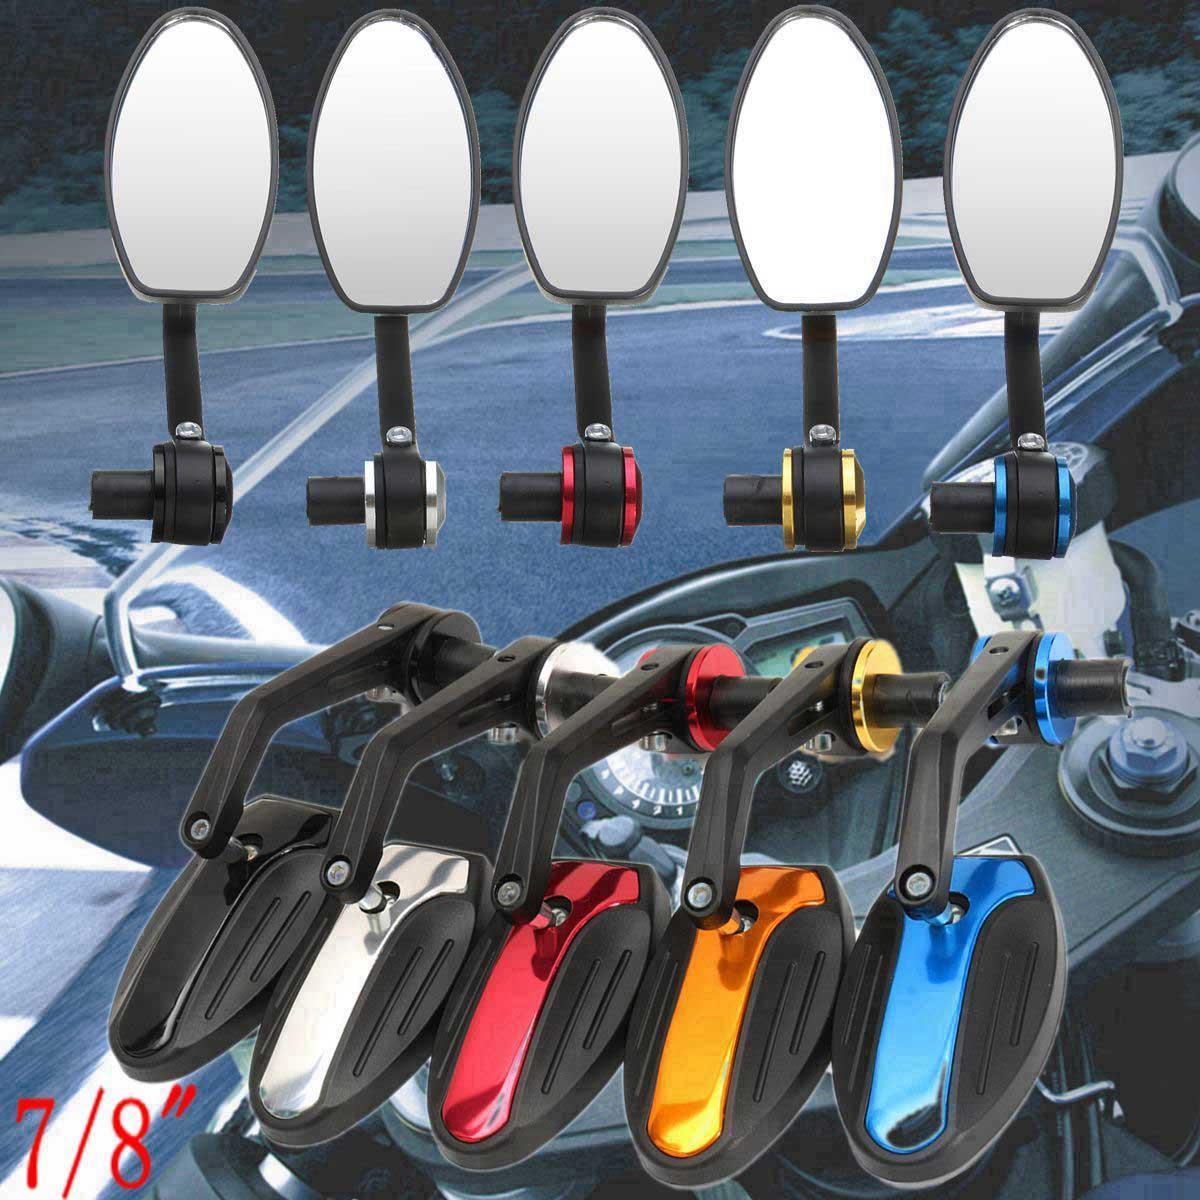 1 زوج العالمي 7/8  للدراجات النارية الألومنيوم للرؤية الخلفية المرايا الجانبية الدراجة مرآة التعامل مع نهاية بار 360 درجة في الهواء الطلق دراجة مرآة